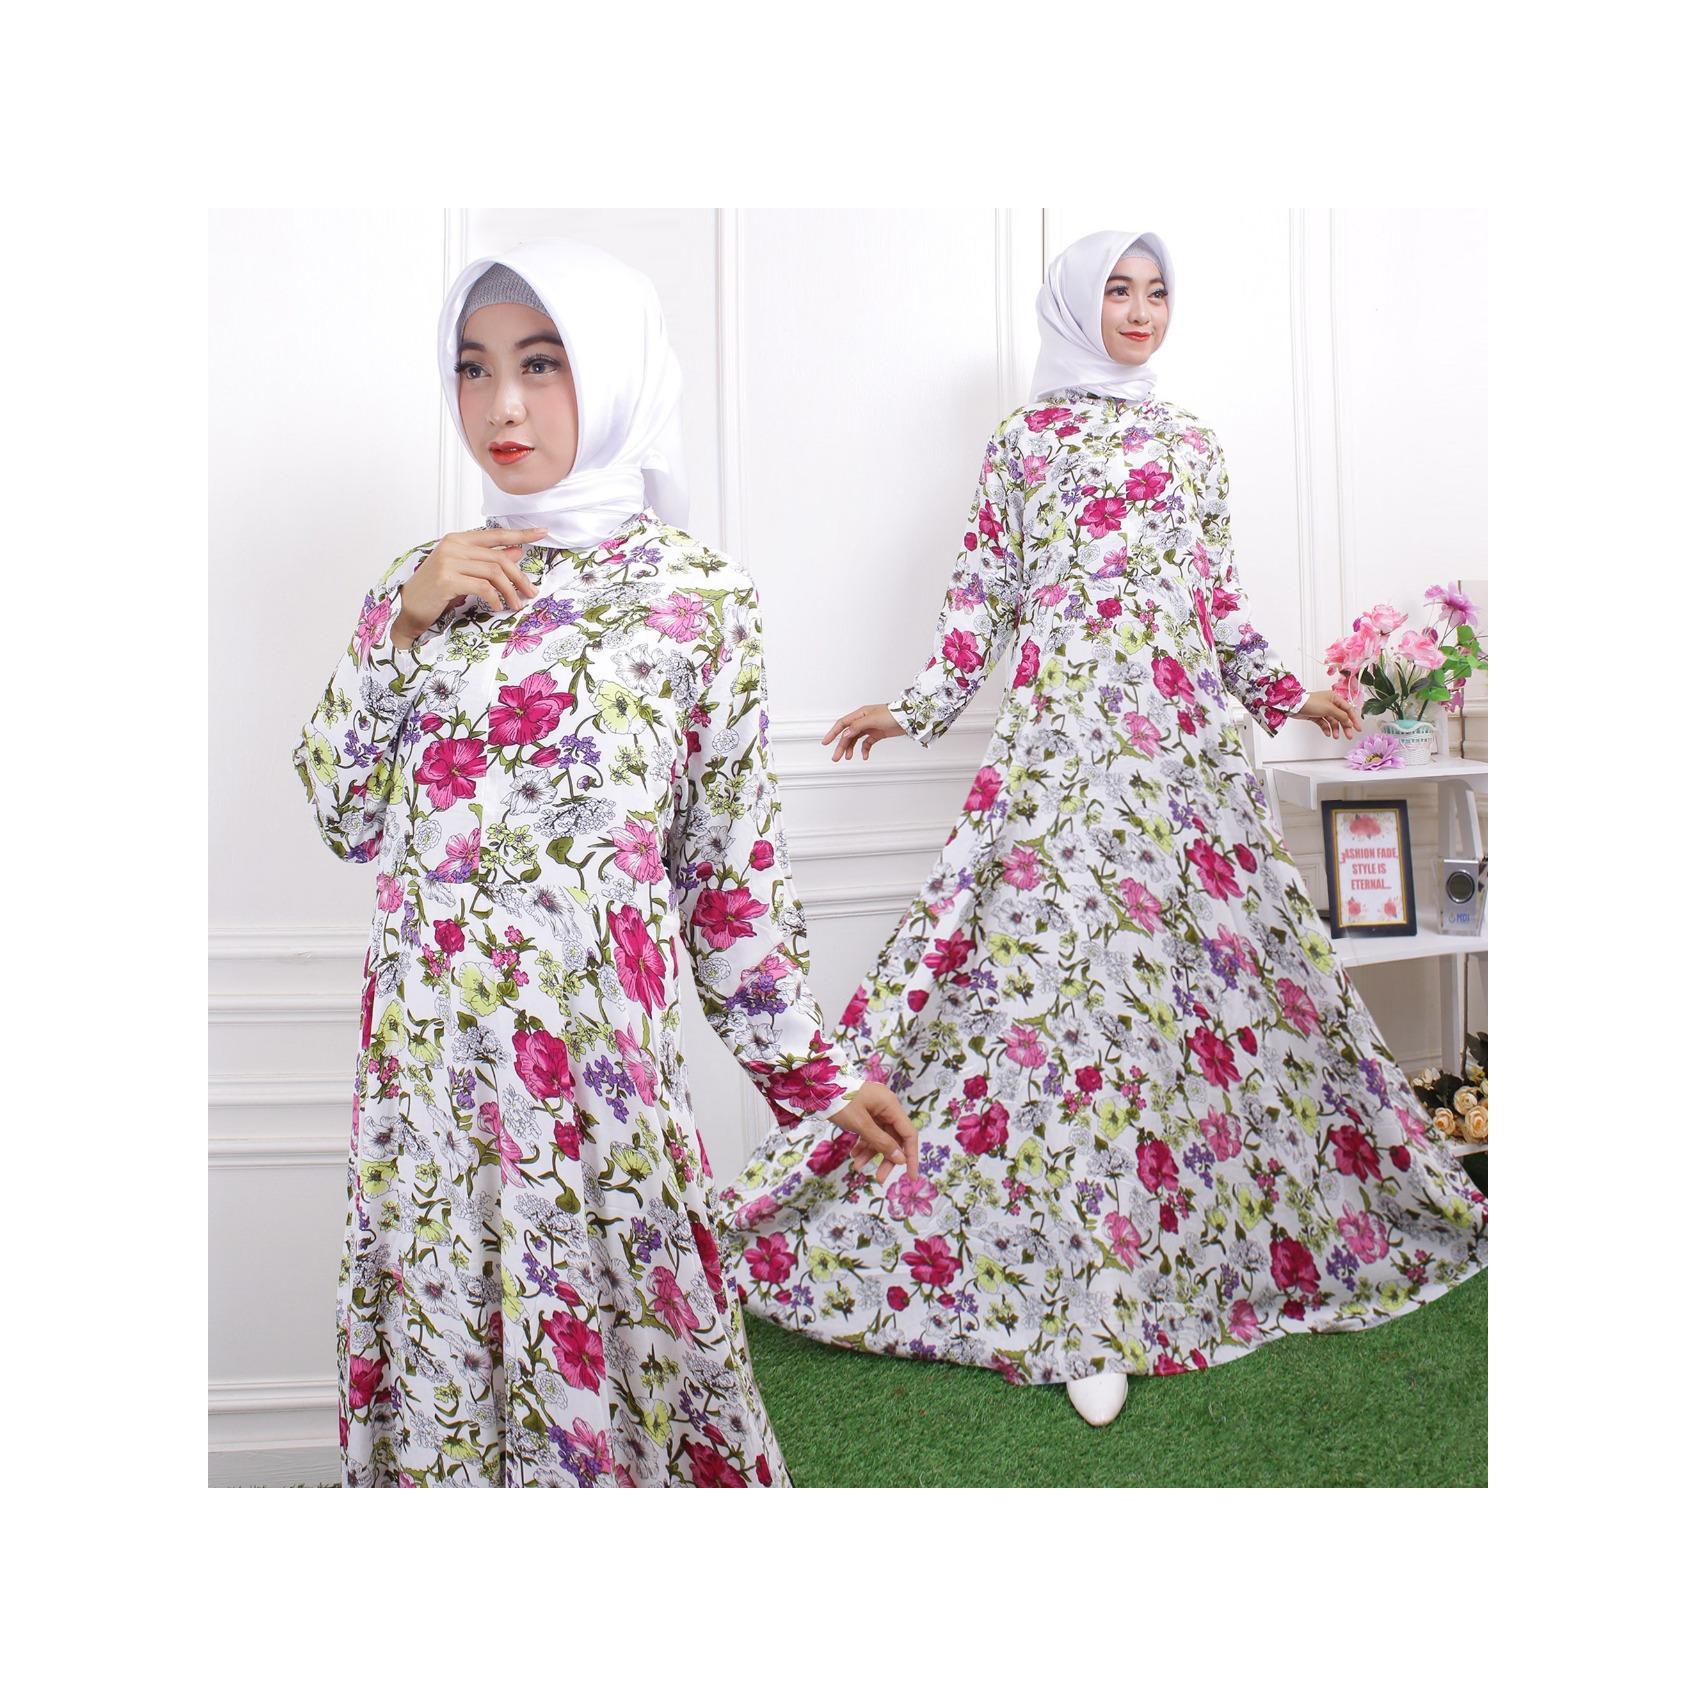 Baju Muslim / Gamis Maxi Dress Katun Motif Bunga Besar Eva 02 No Pasmina